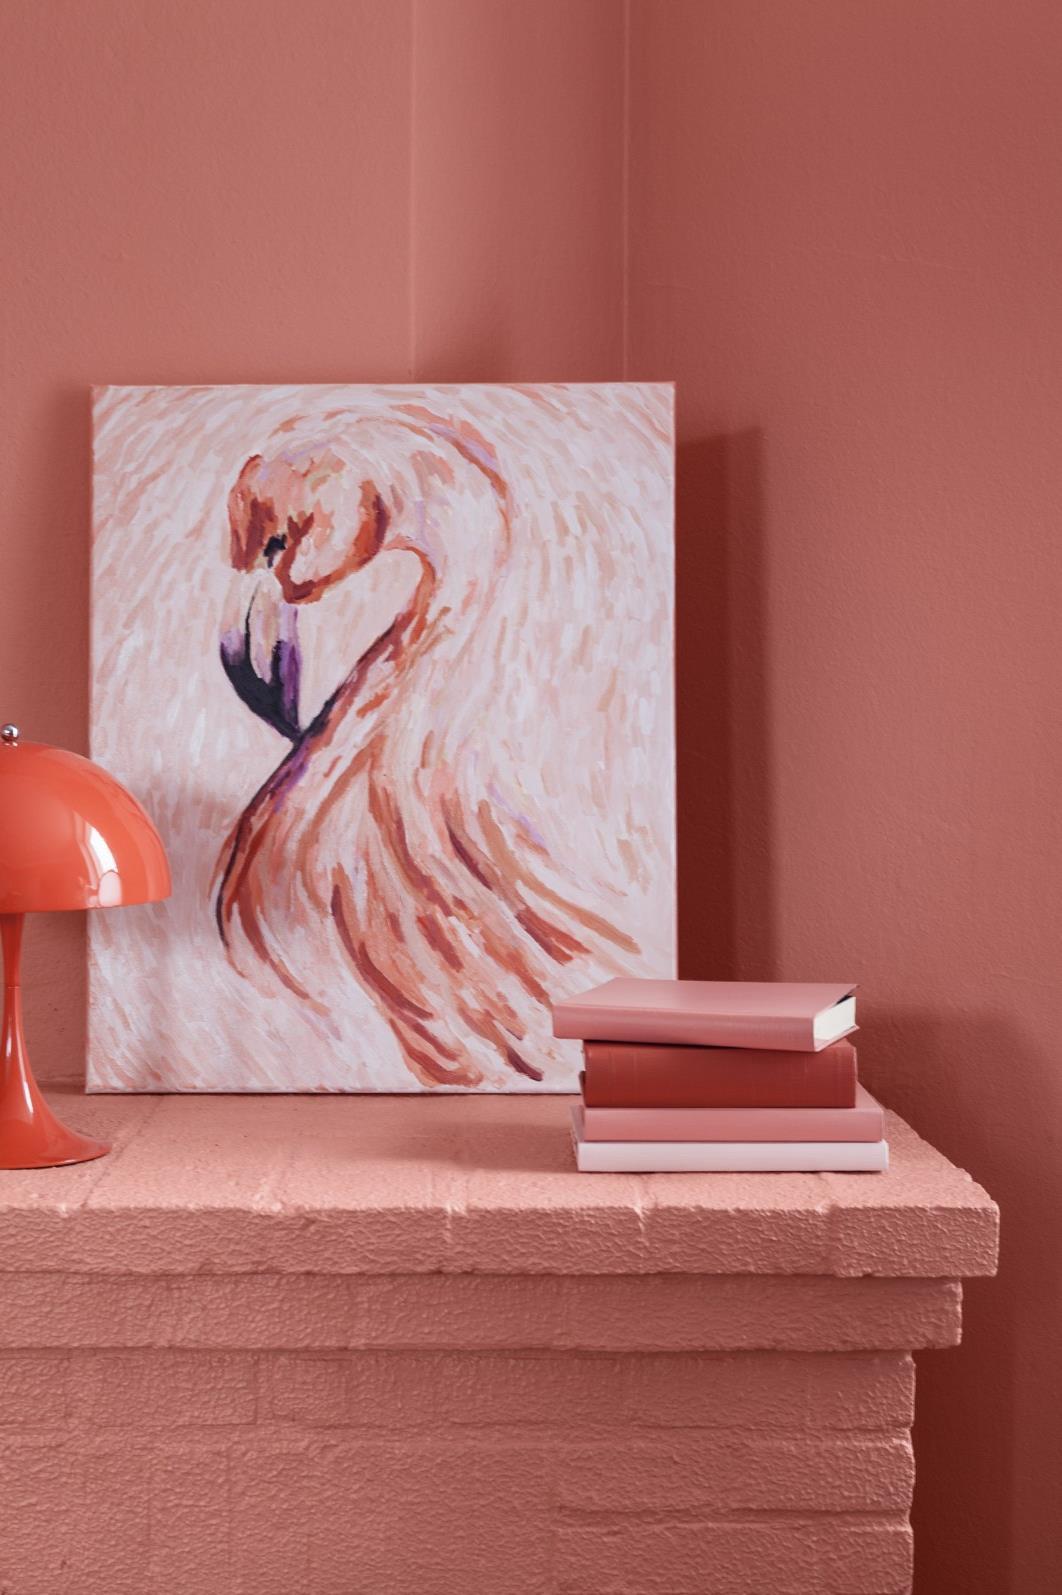 Tikkurilan vuoden väri K319, Flamingo. Sävyä kuvaillaan seuraavasti: persikkainen, mehukas ja elinvoimainen, ripaus auringonpaistetta ja leikkisyyttä! Kuva: Tikkurila